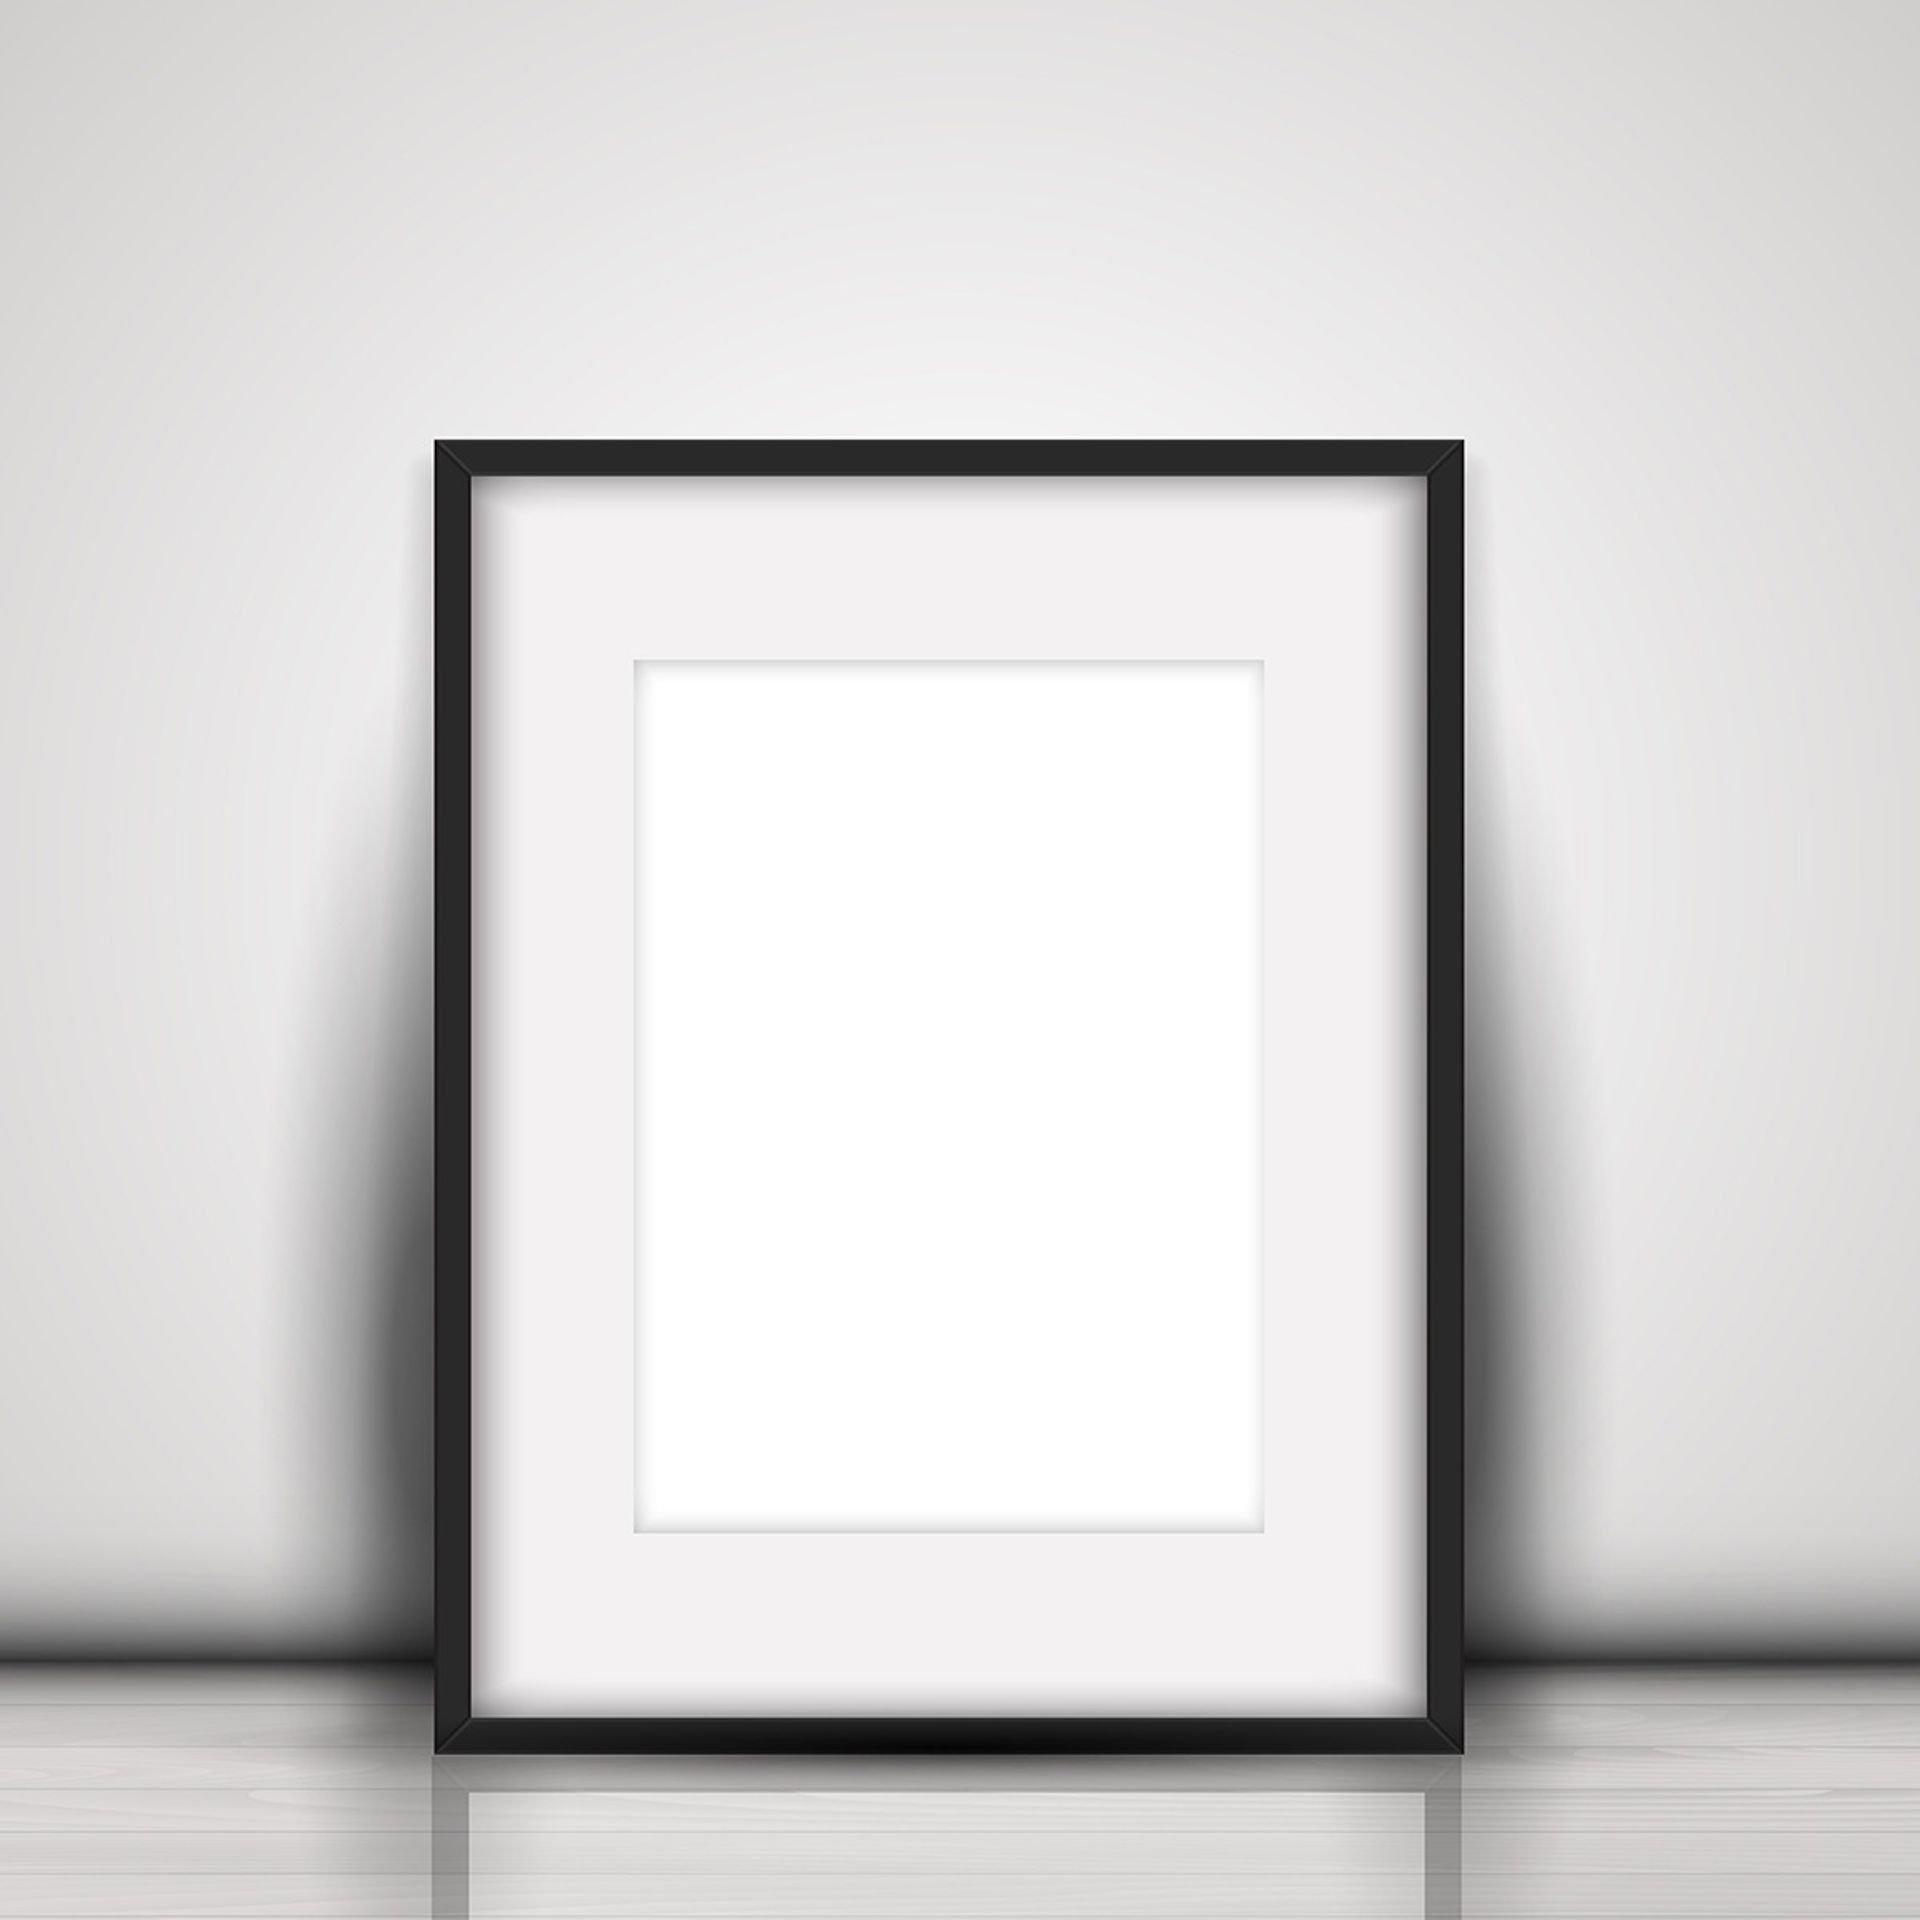 =מסגרת תמונה איכותית דגם FR9248, כולל הדפסת תמונה.